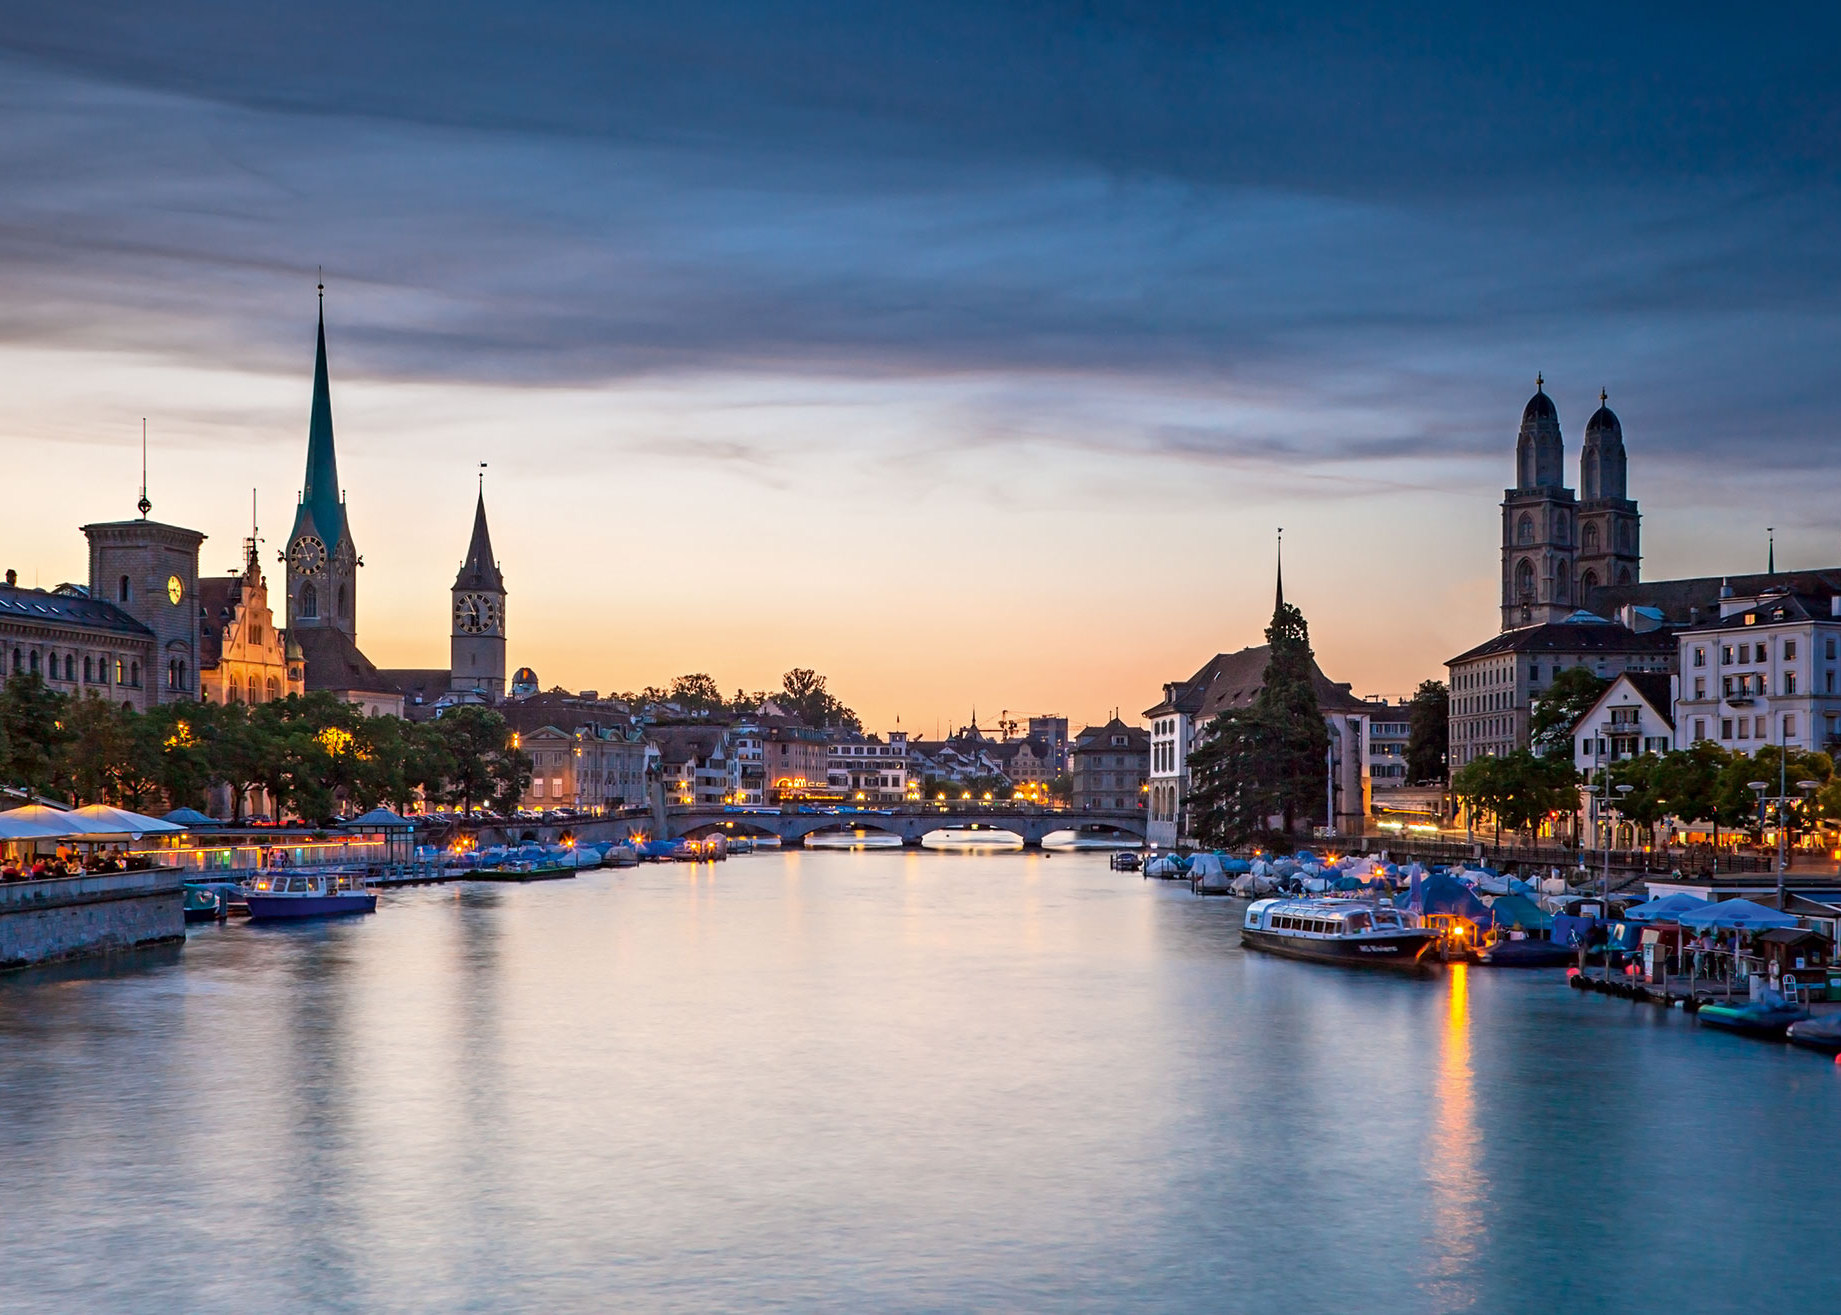 Zurigo cosa vedere: scorcio della città svizzera